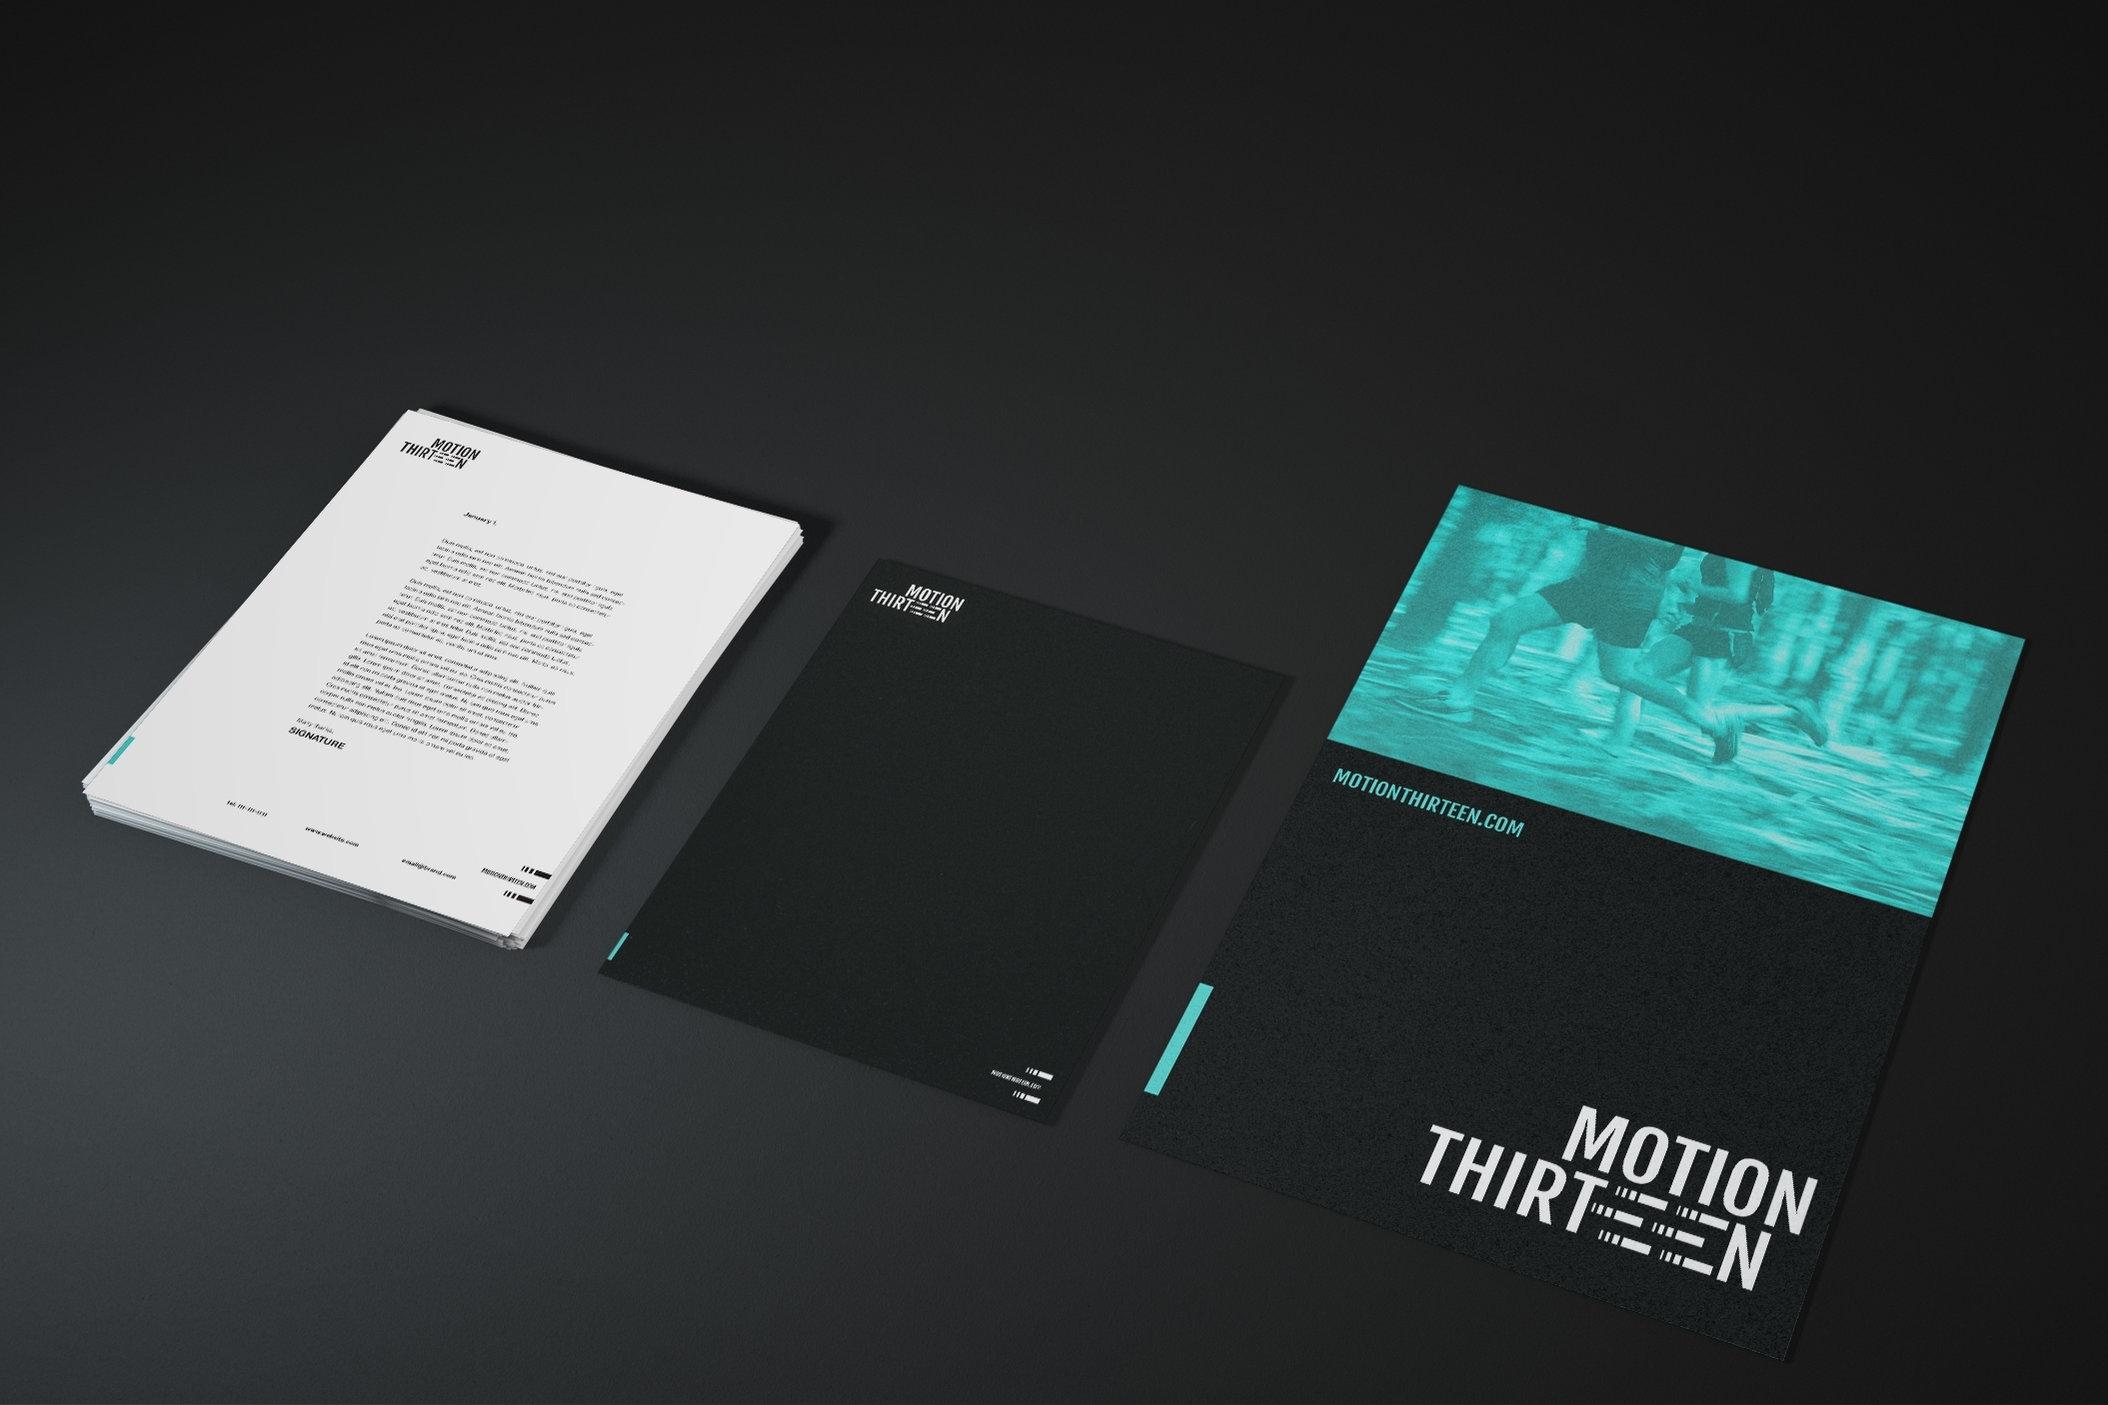 motion13_7.jpg